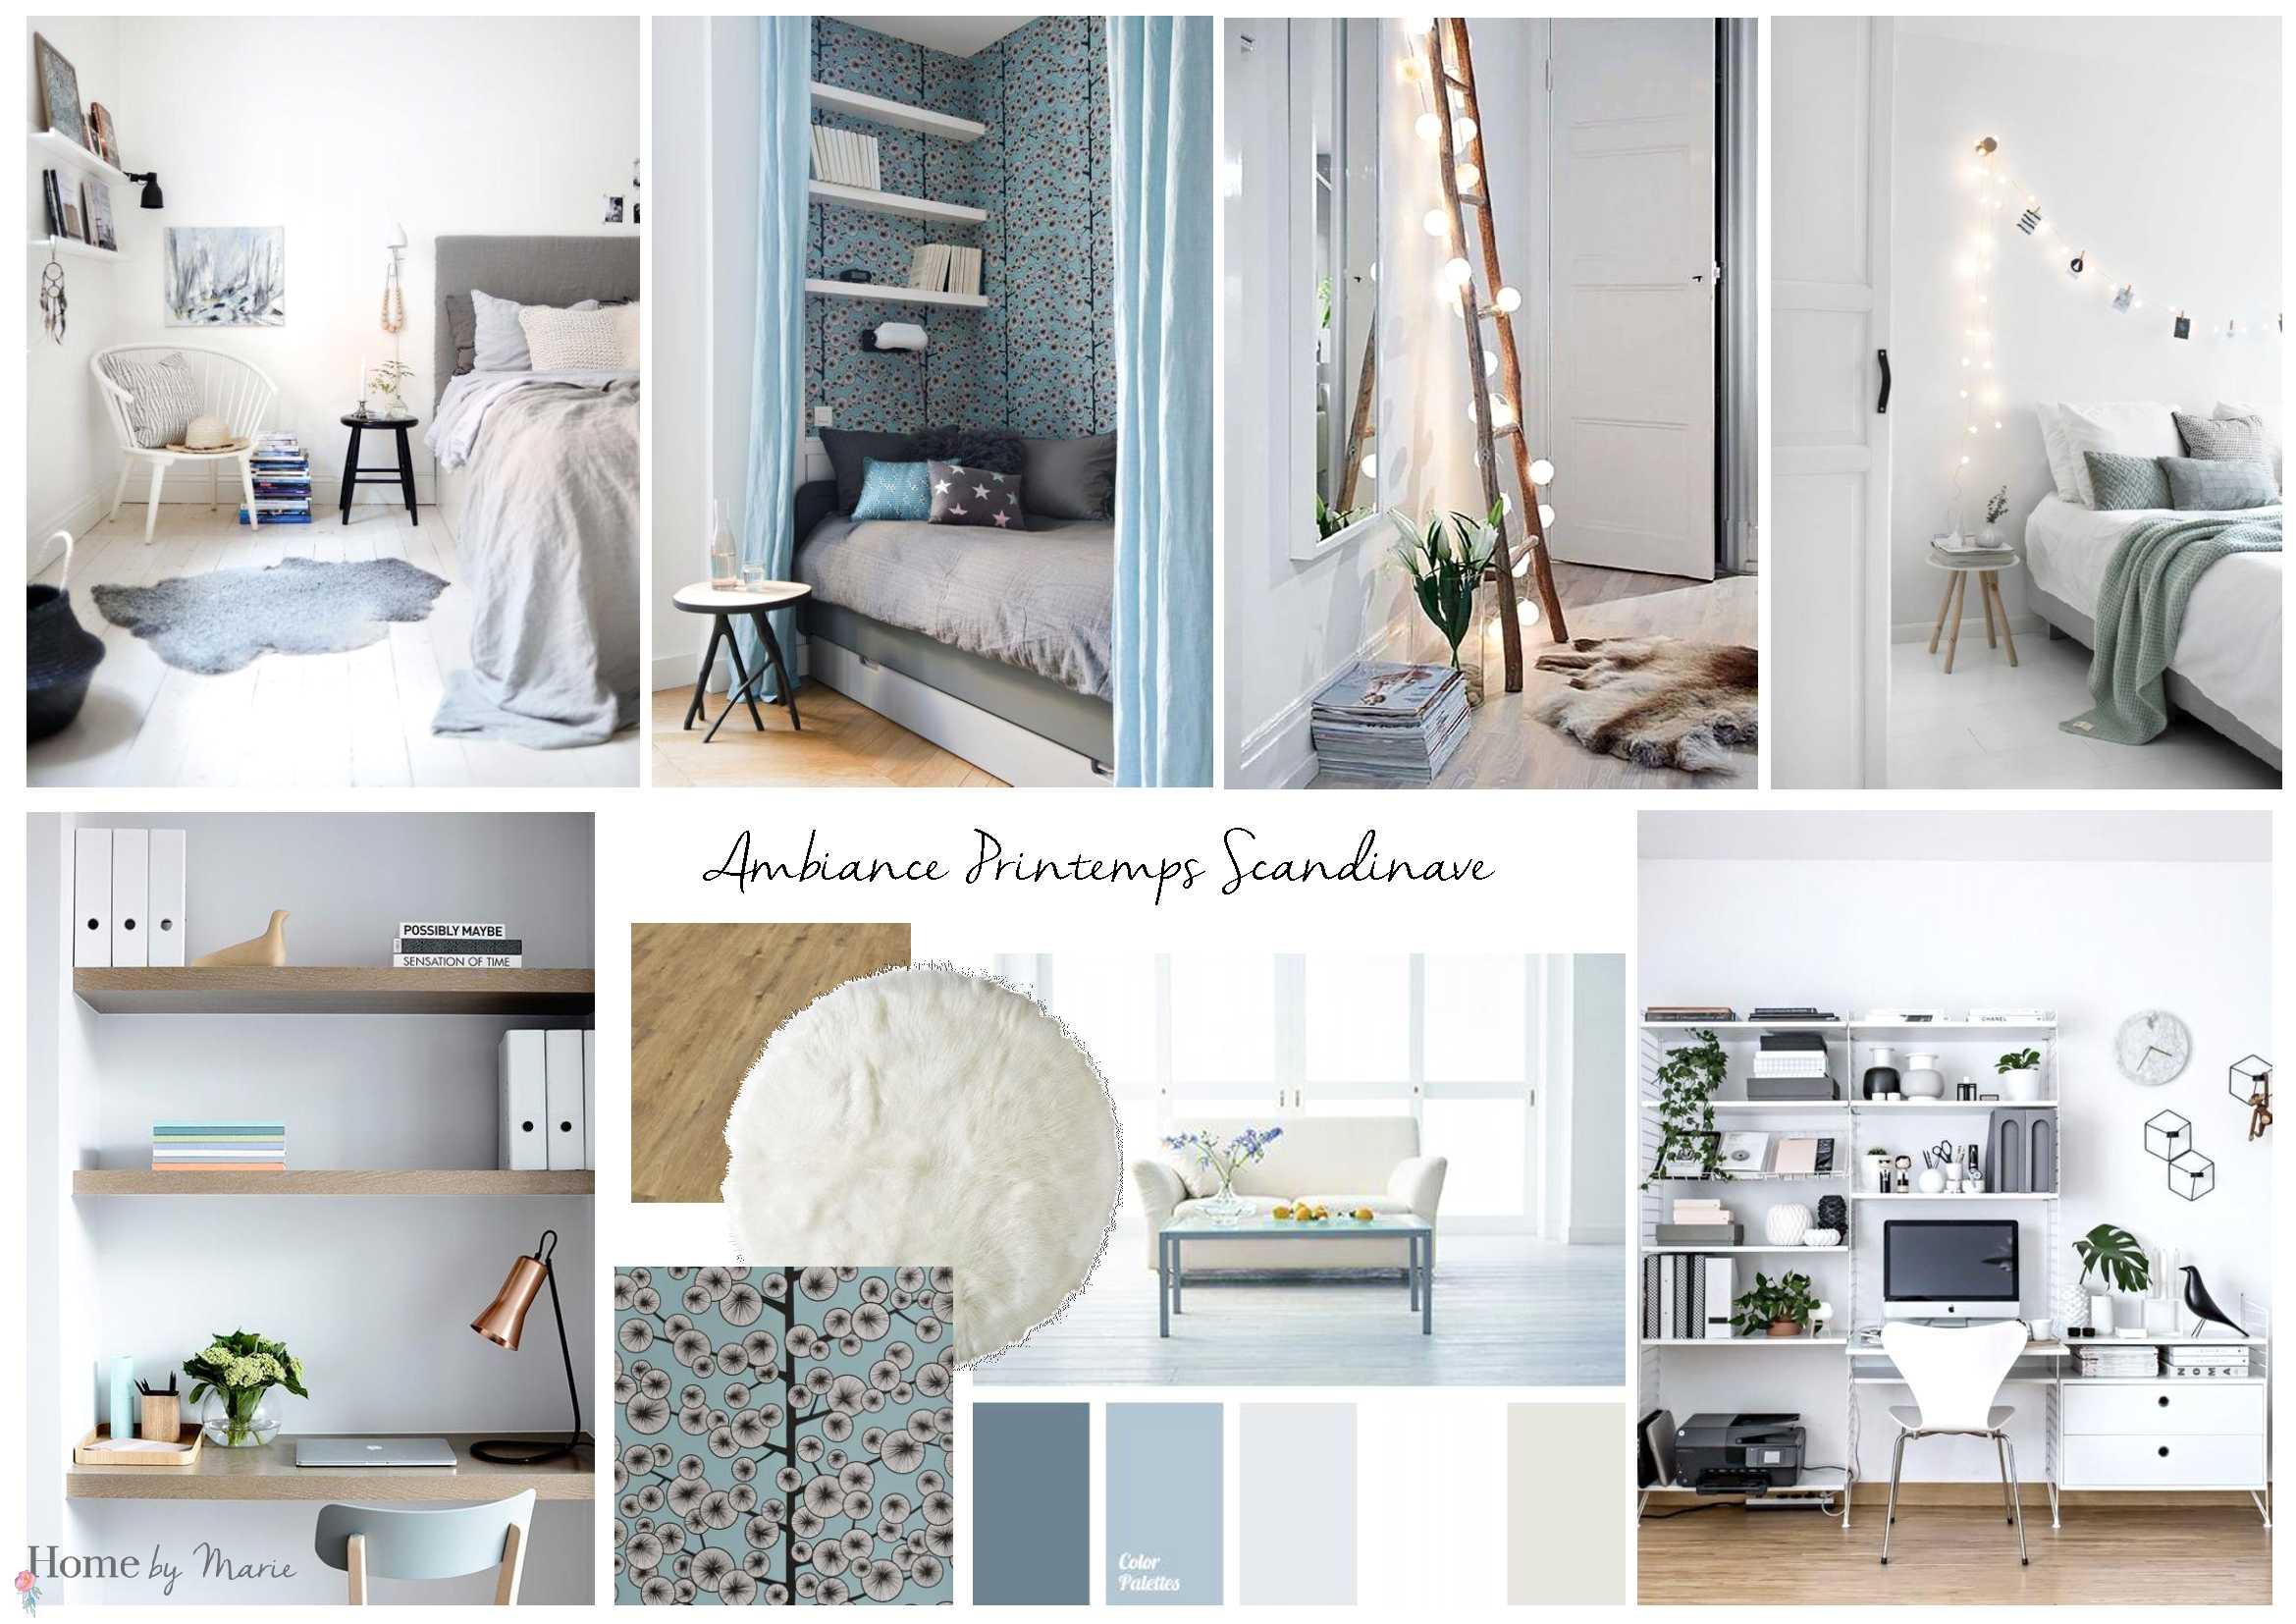 Une chambre d amis au style Printemps Scandinave Home by Marie